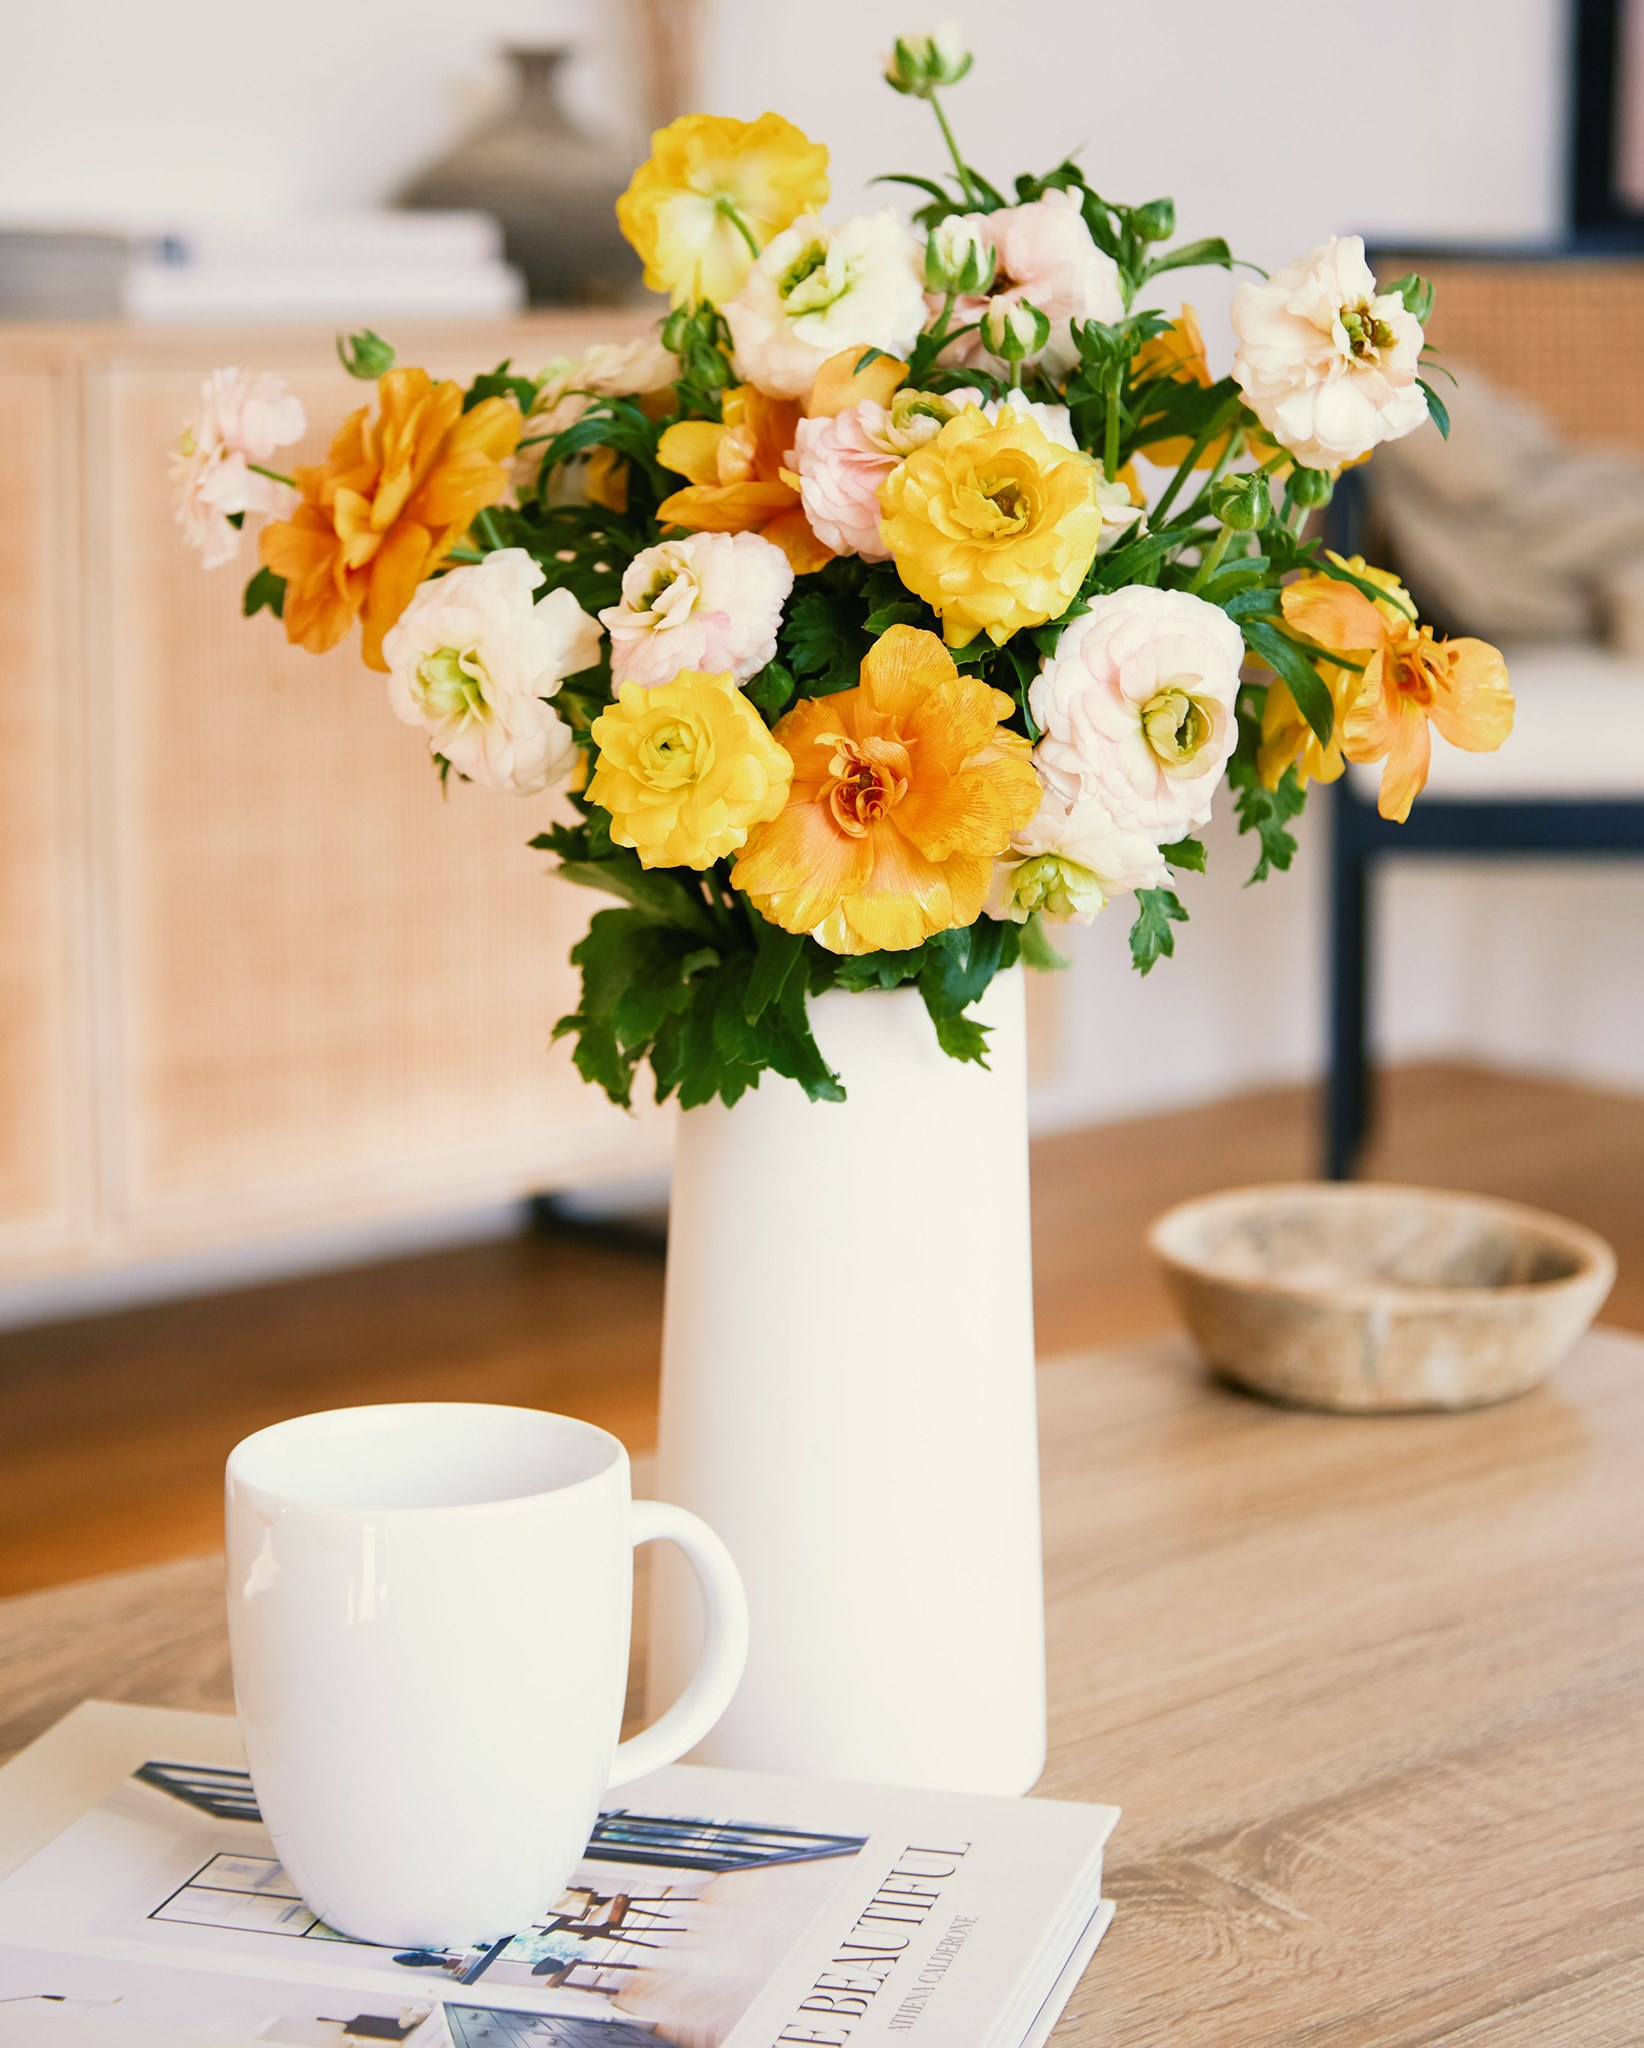 bouqs summer flowers in white vase